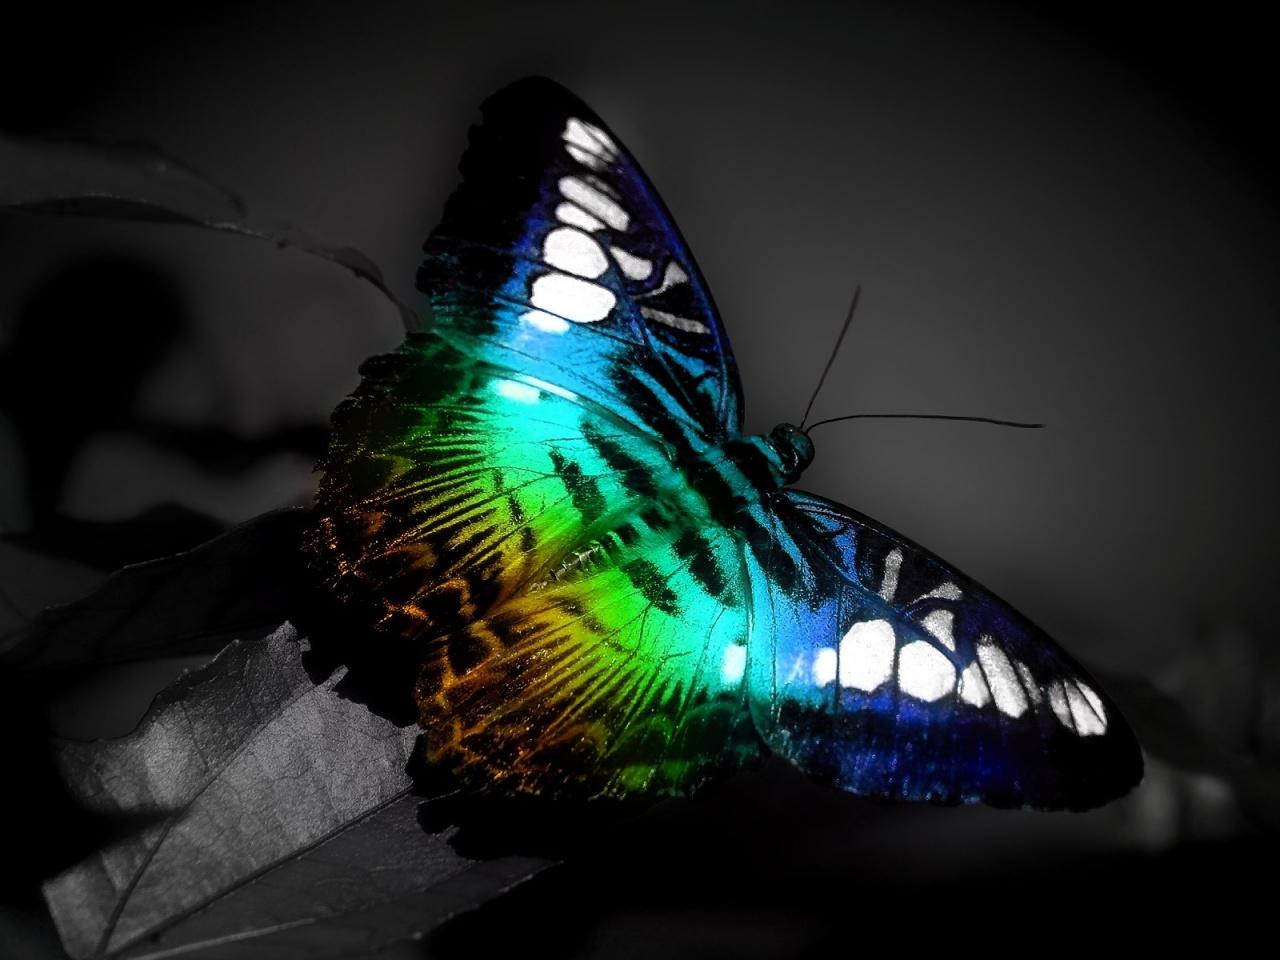 imagens coloridas para celular - Papel de Parede Design Projeções Coloridas Wallpaper